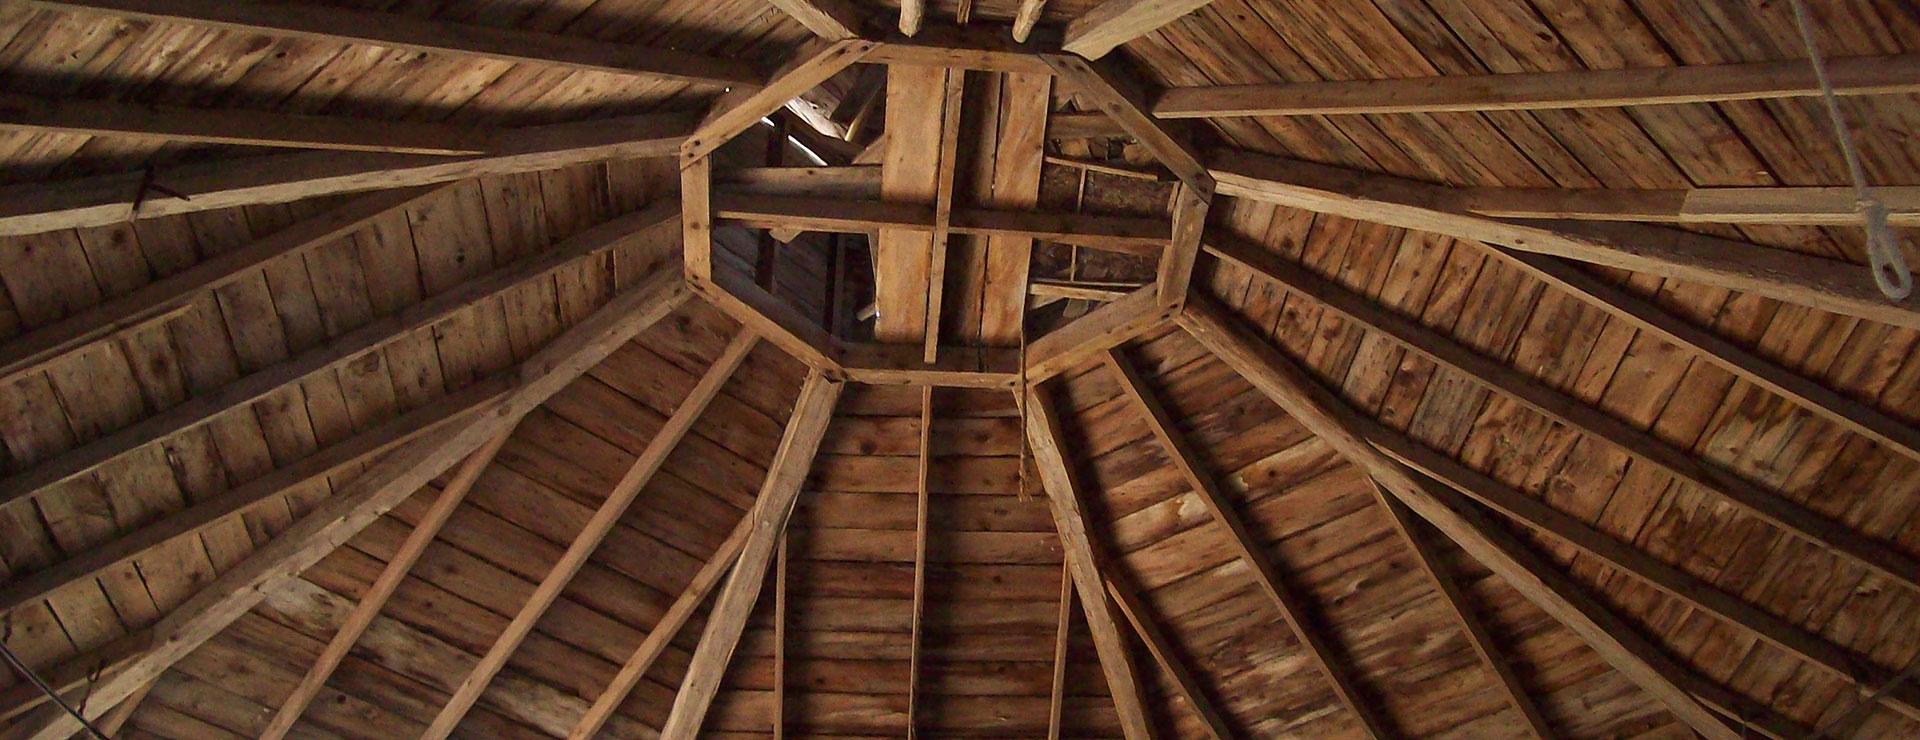 reclaimed-barn-ceiling-slider